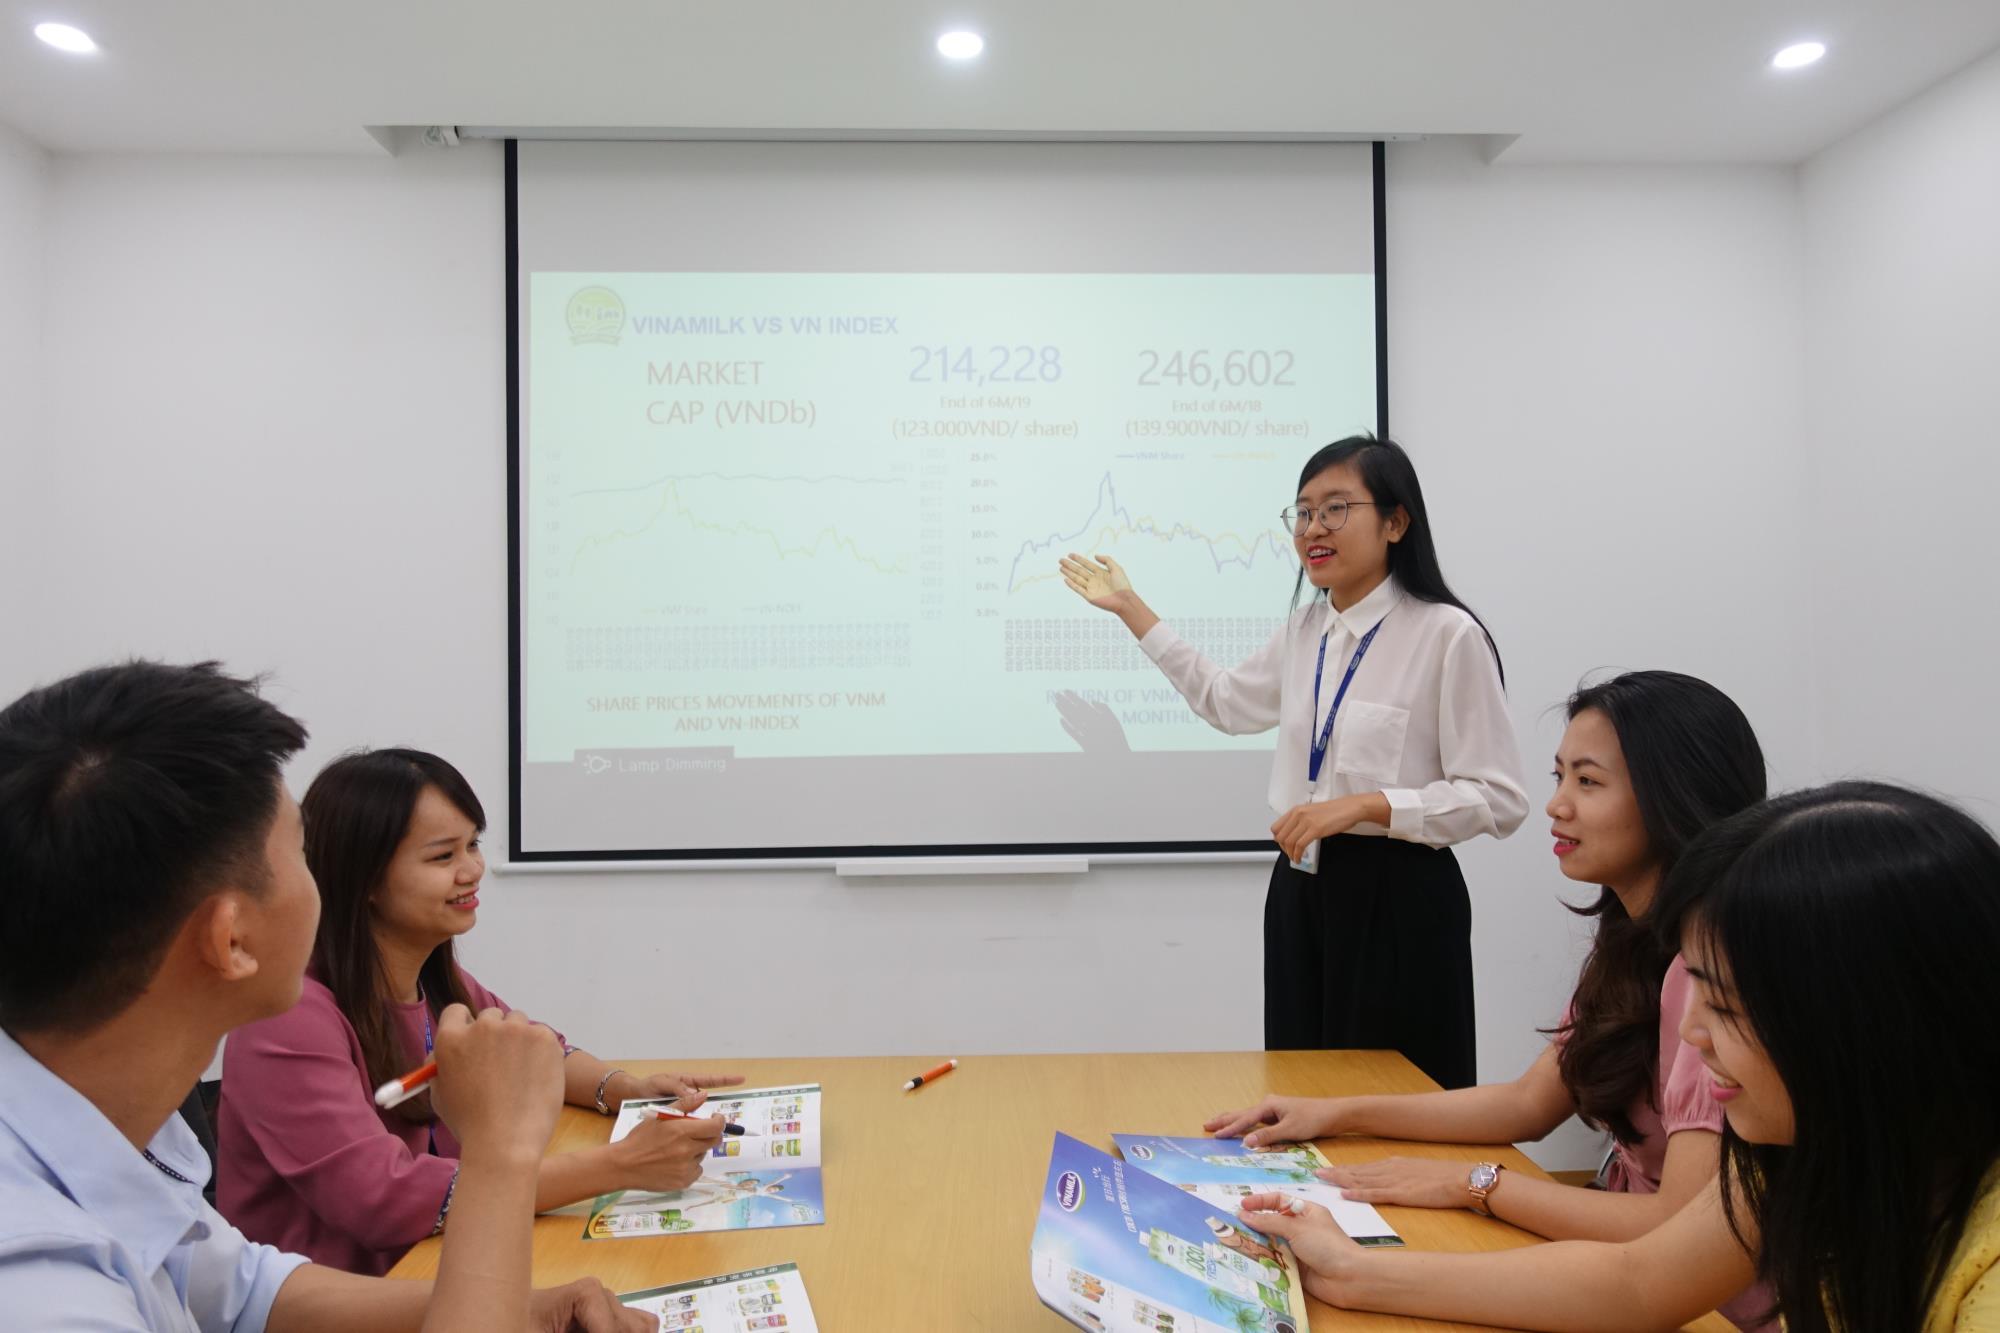 Thế hệ trẻ và những lý do khao khát 'đầu quân' cho một công ty sữa Việt - Ảnh 2